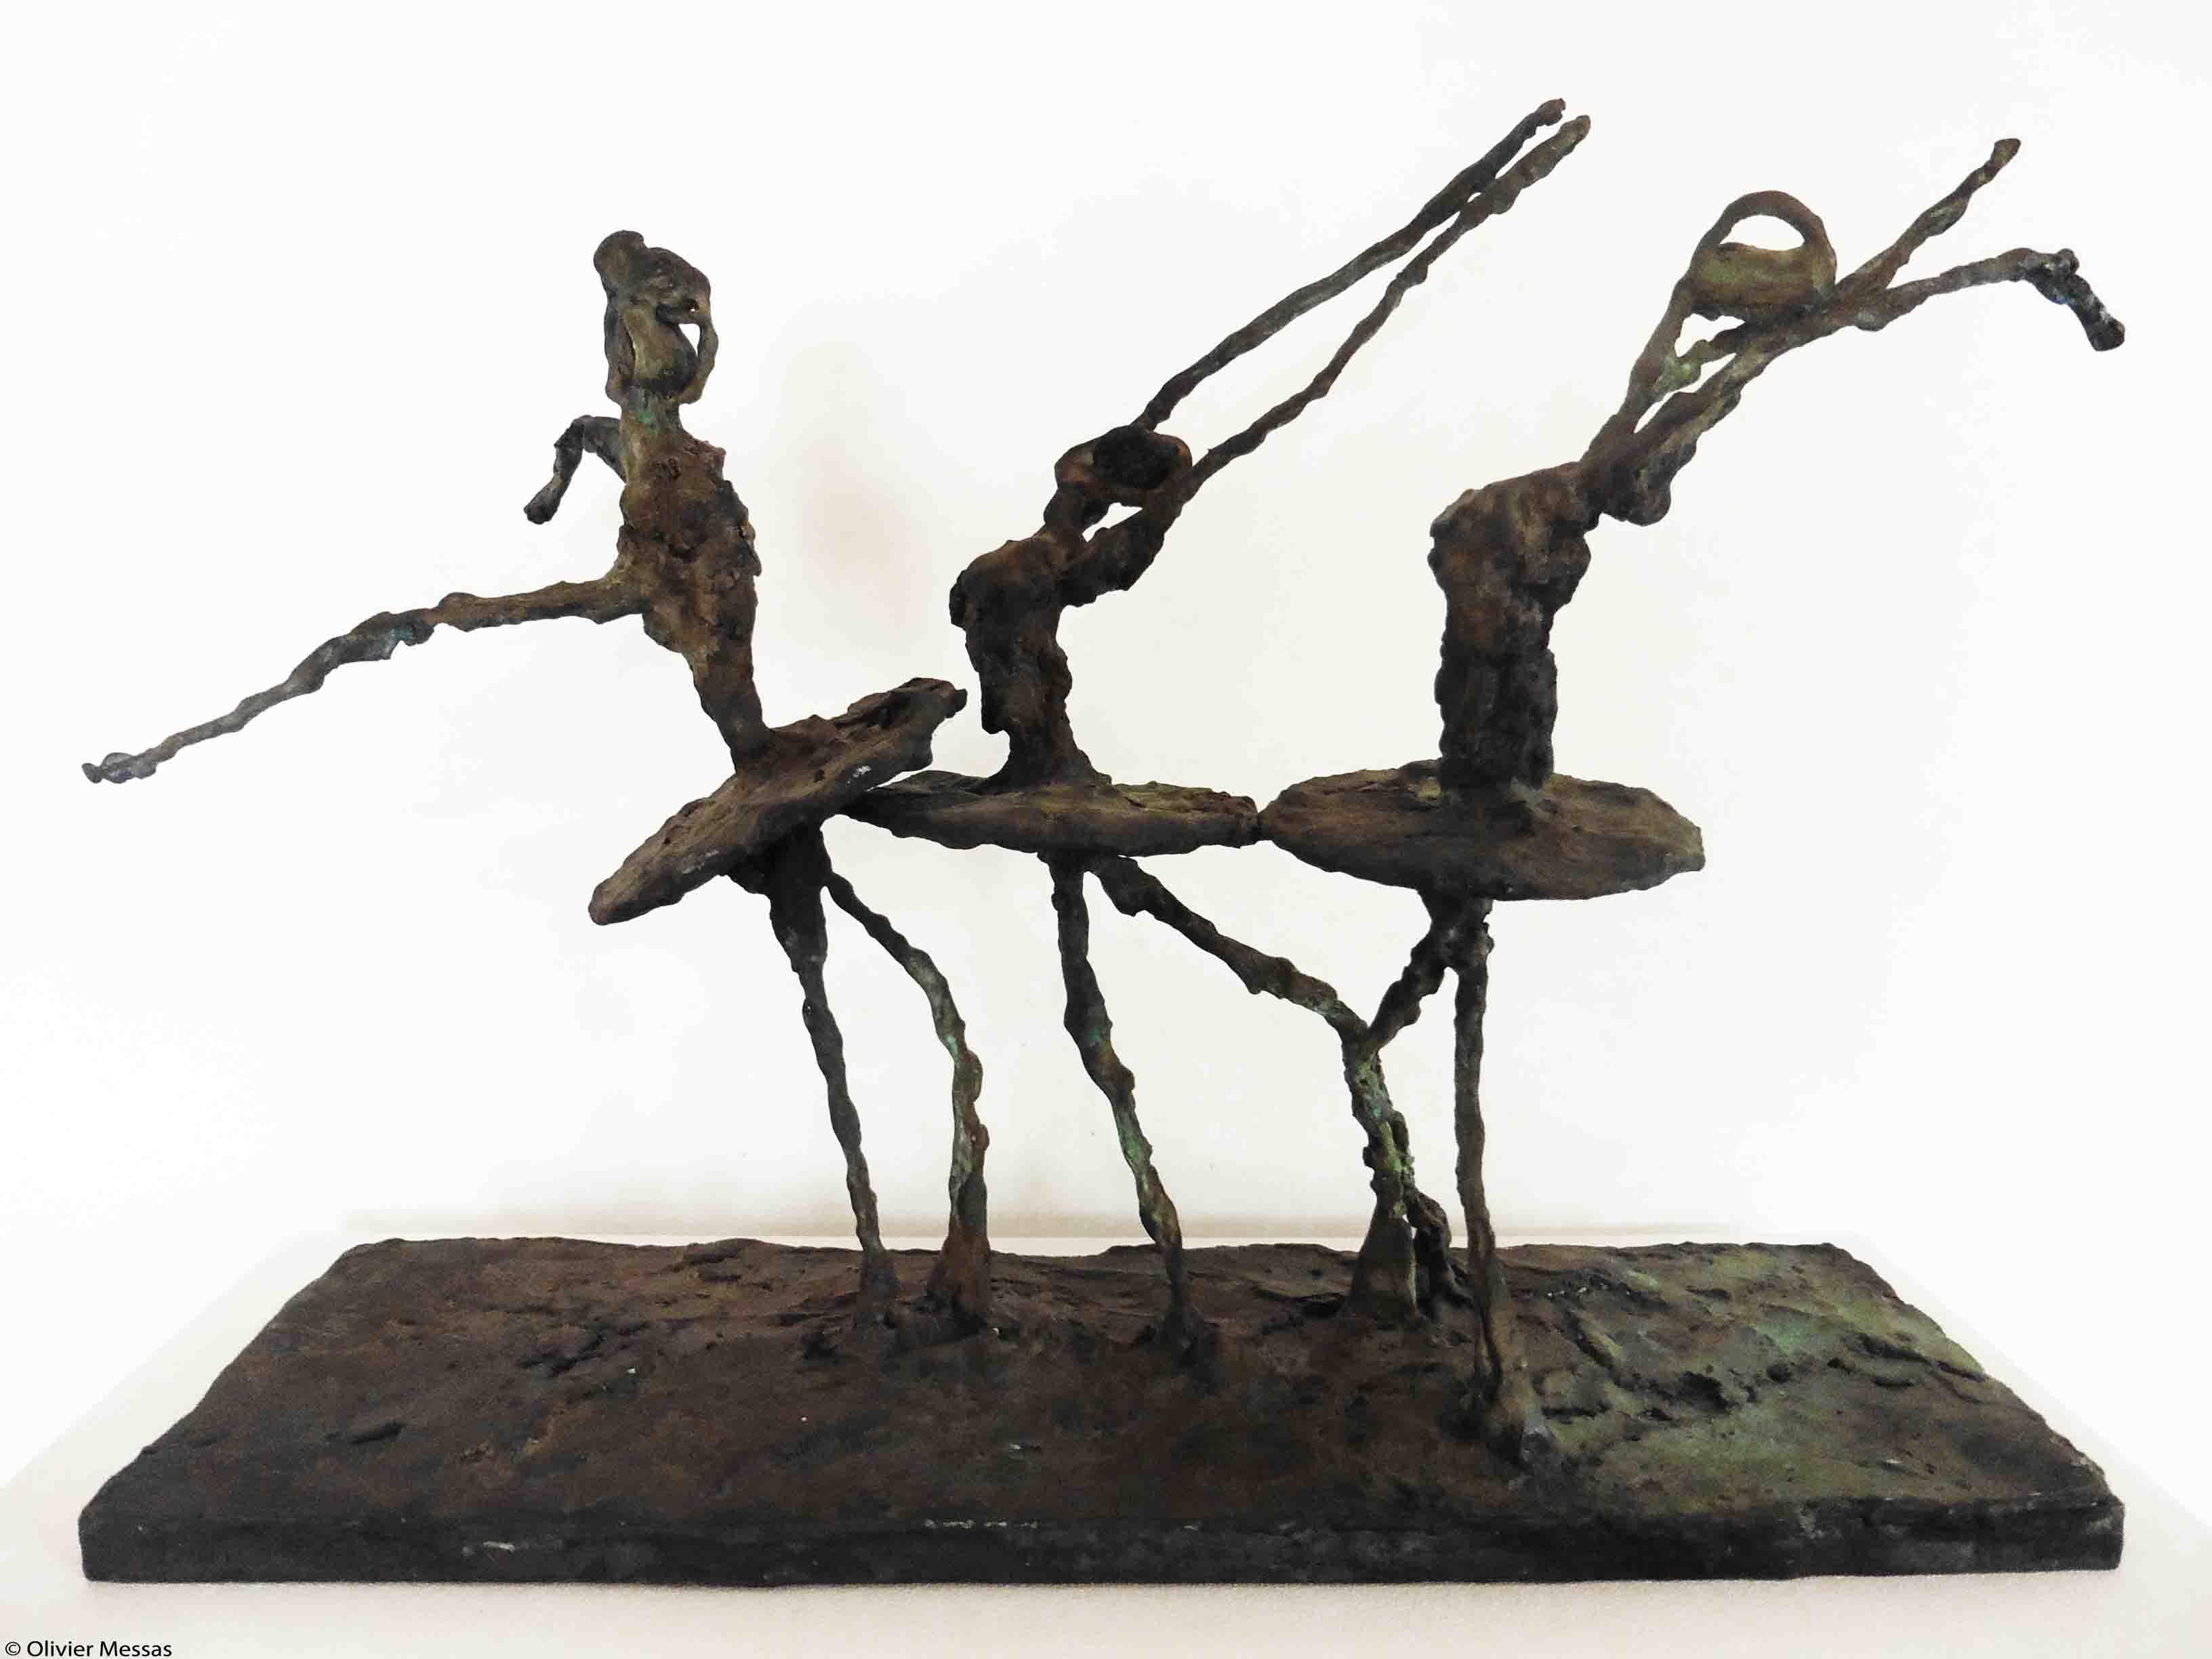 Les danseuses de ballet | vue 1